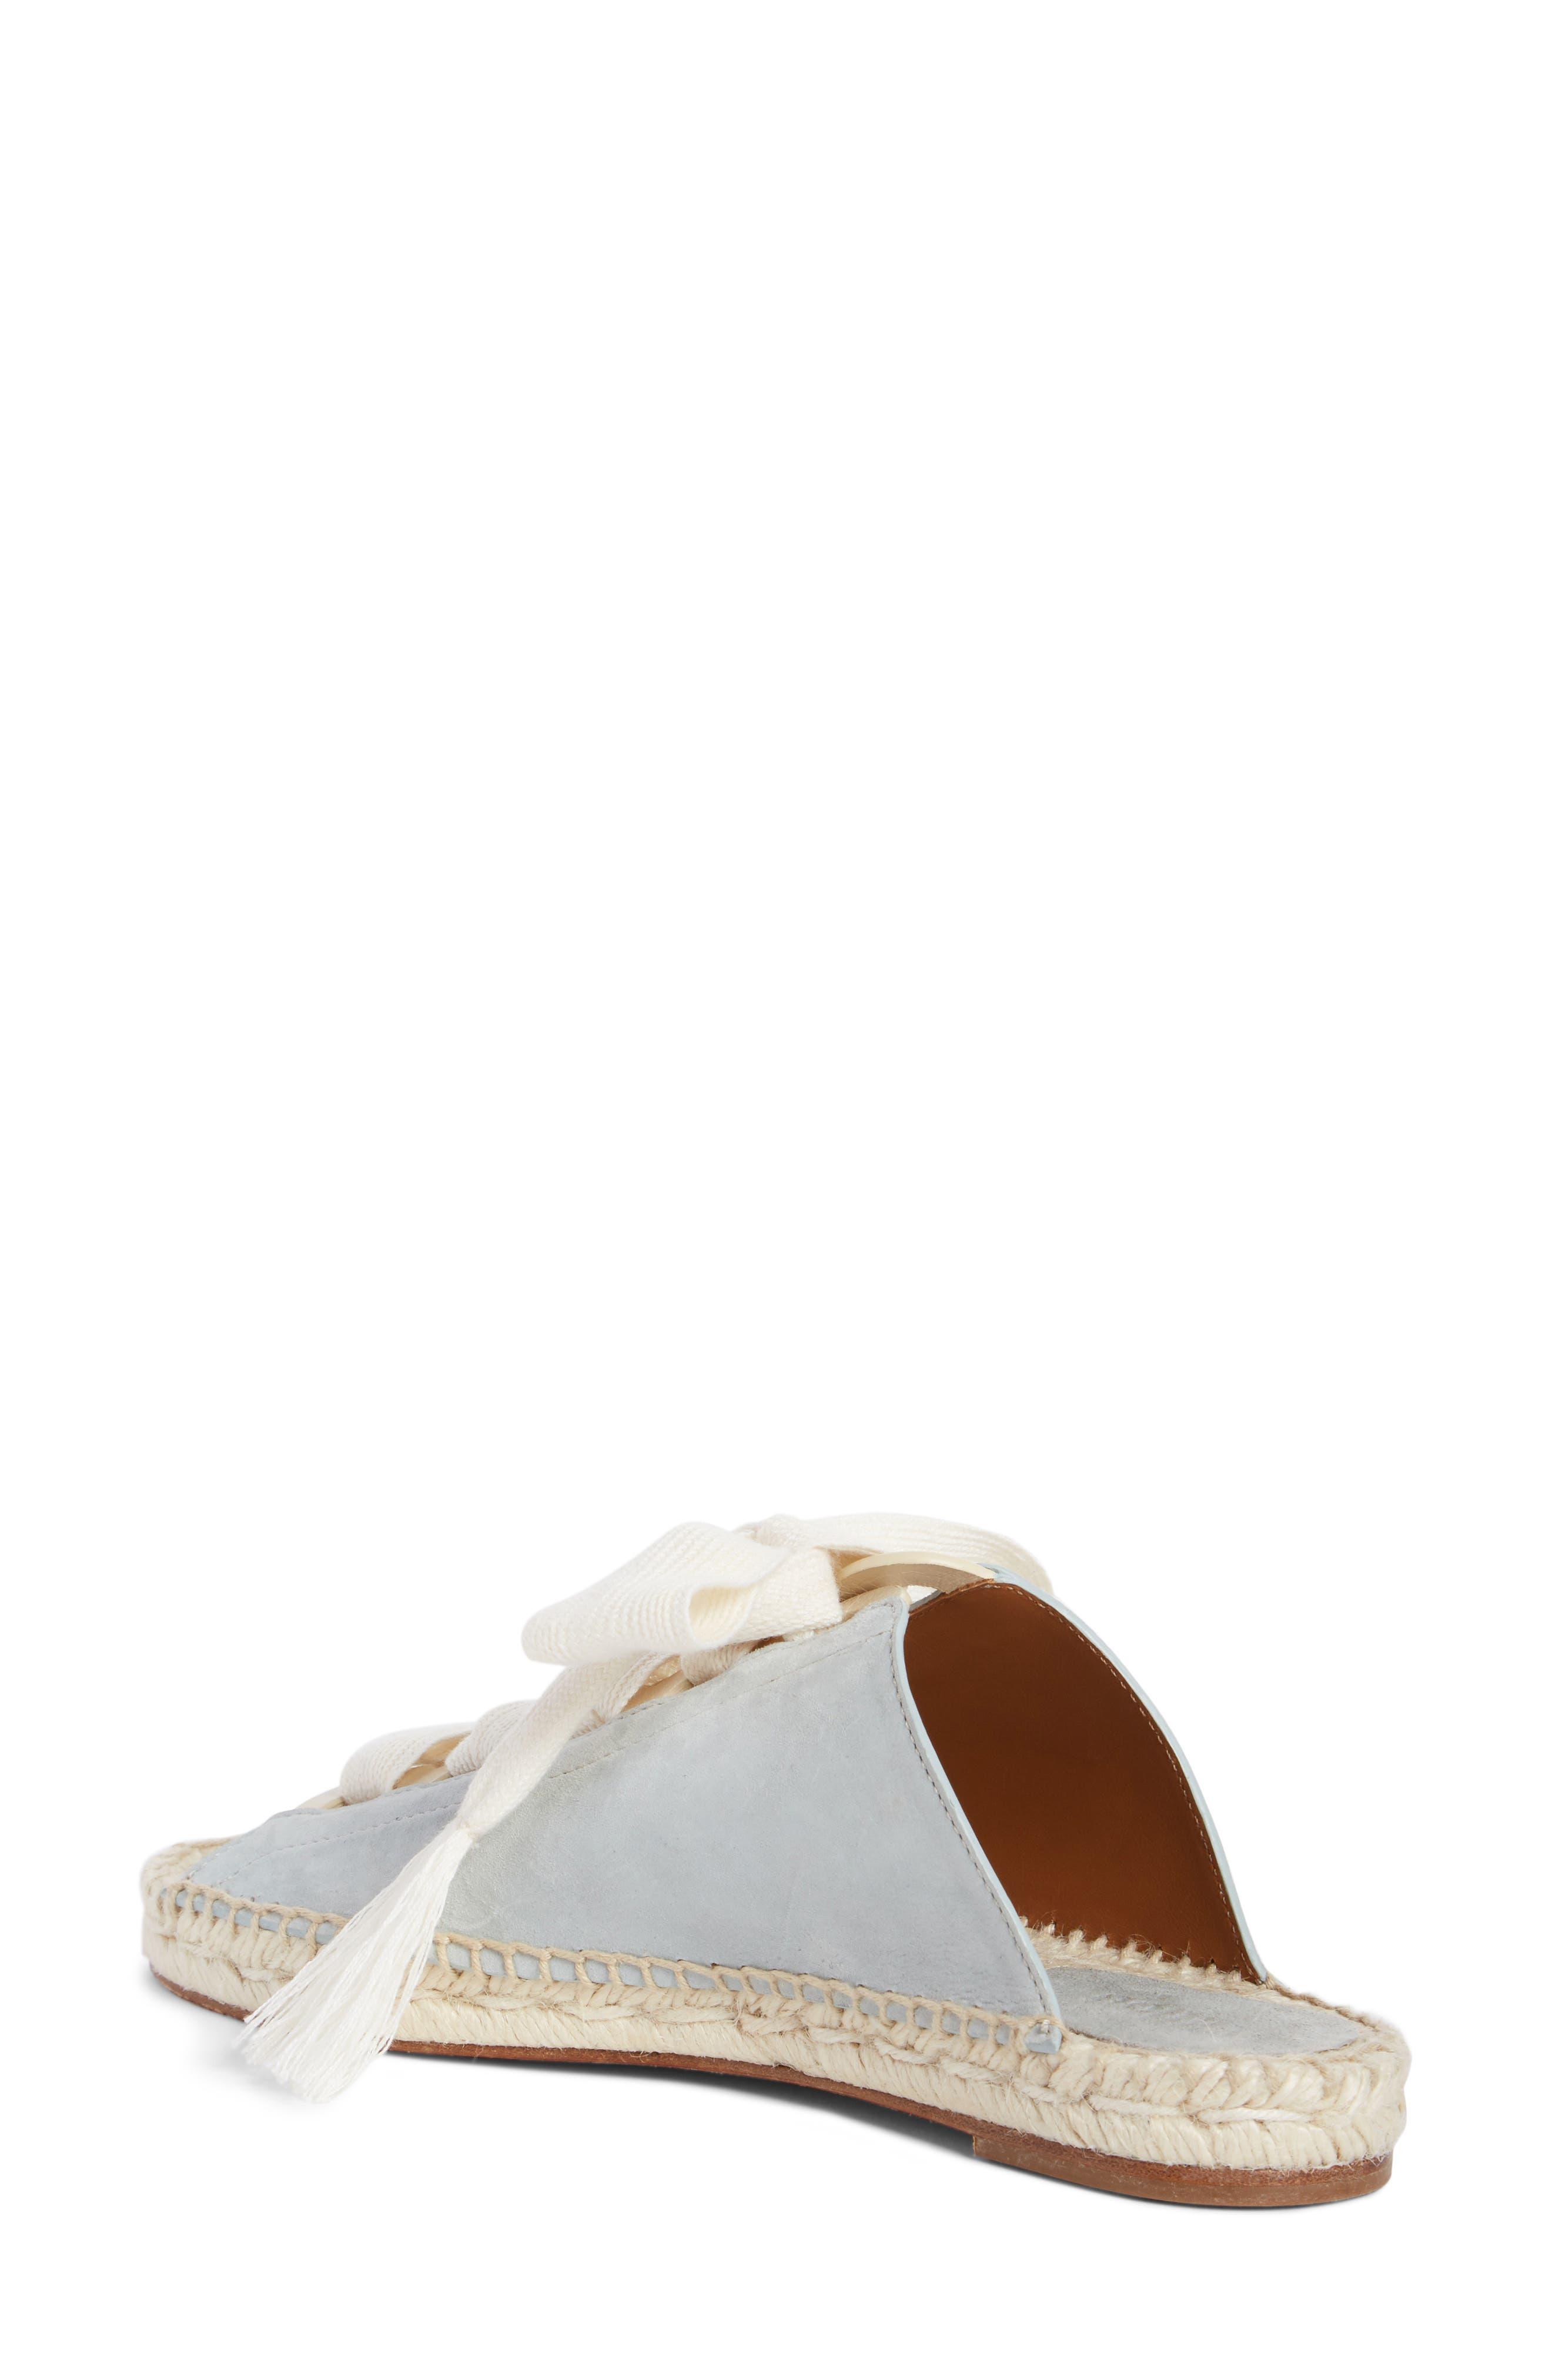 Harper Lace-Up Espadrille Slide Sandal,                             Alternate thumbnail 2, color,                             450